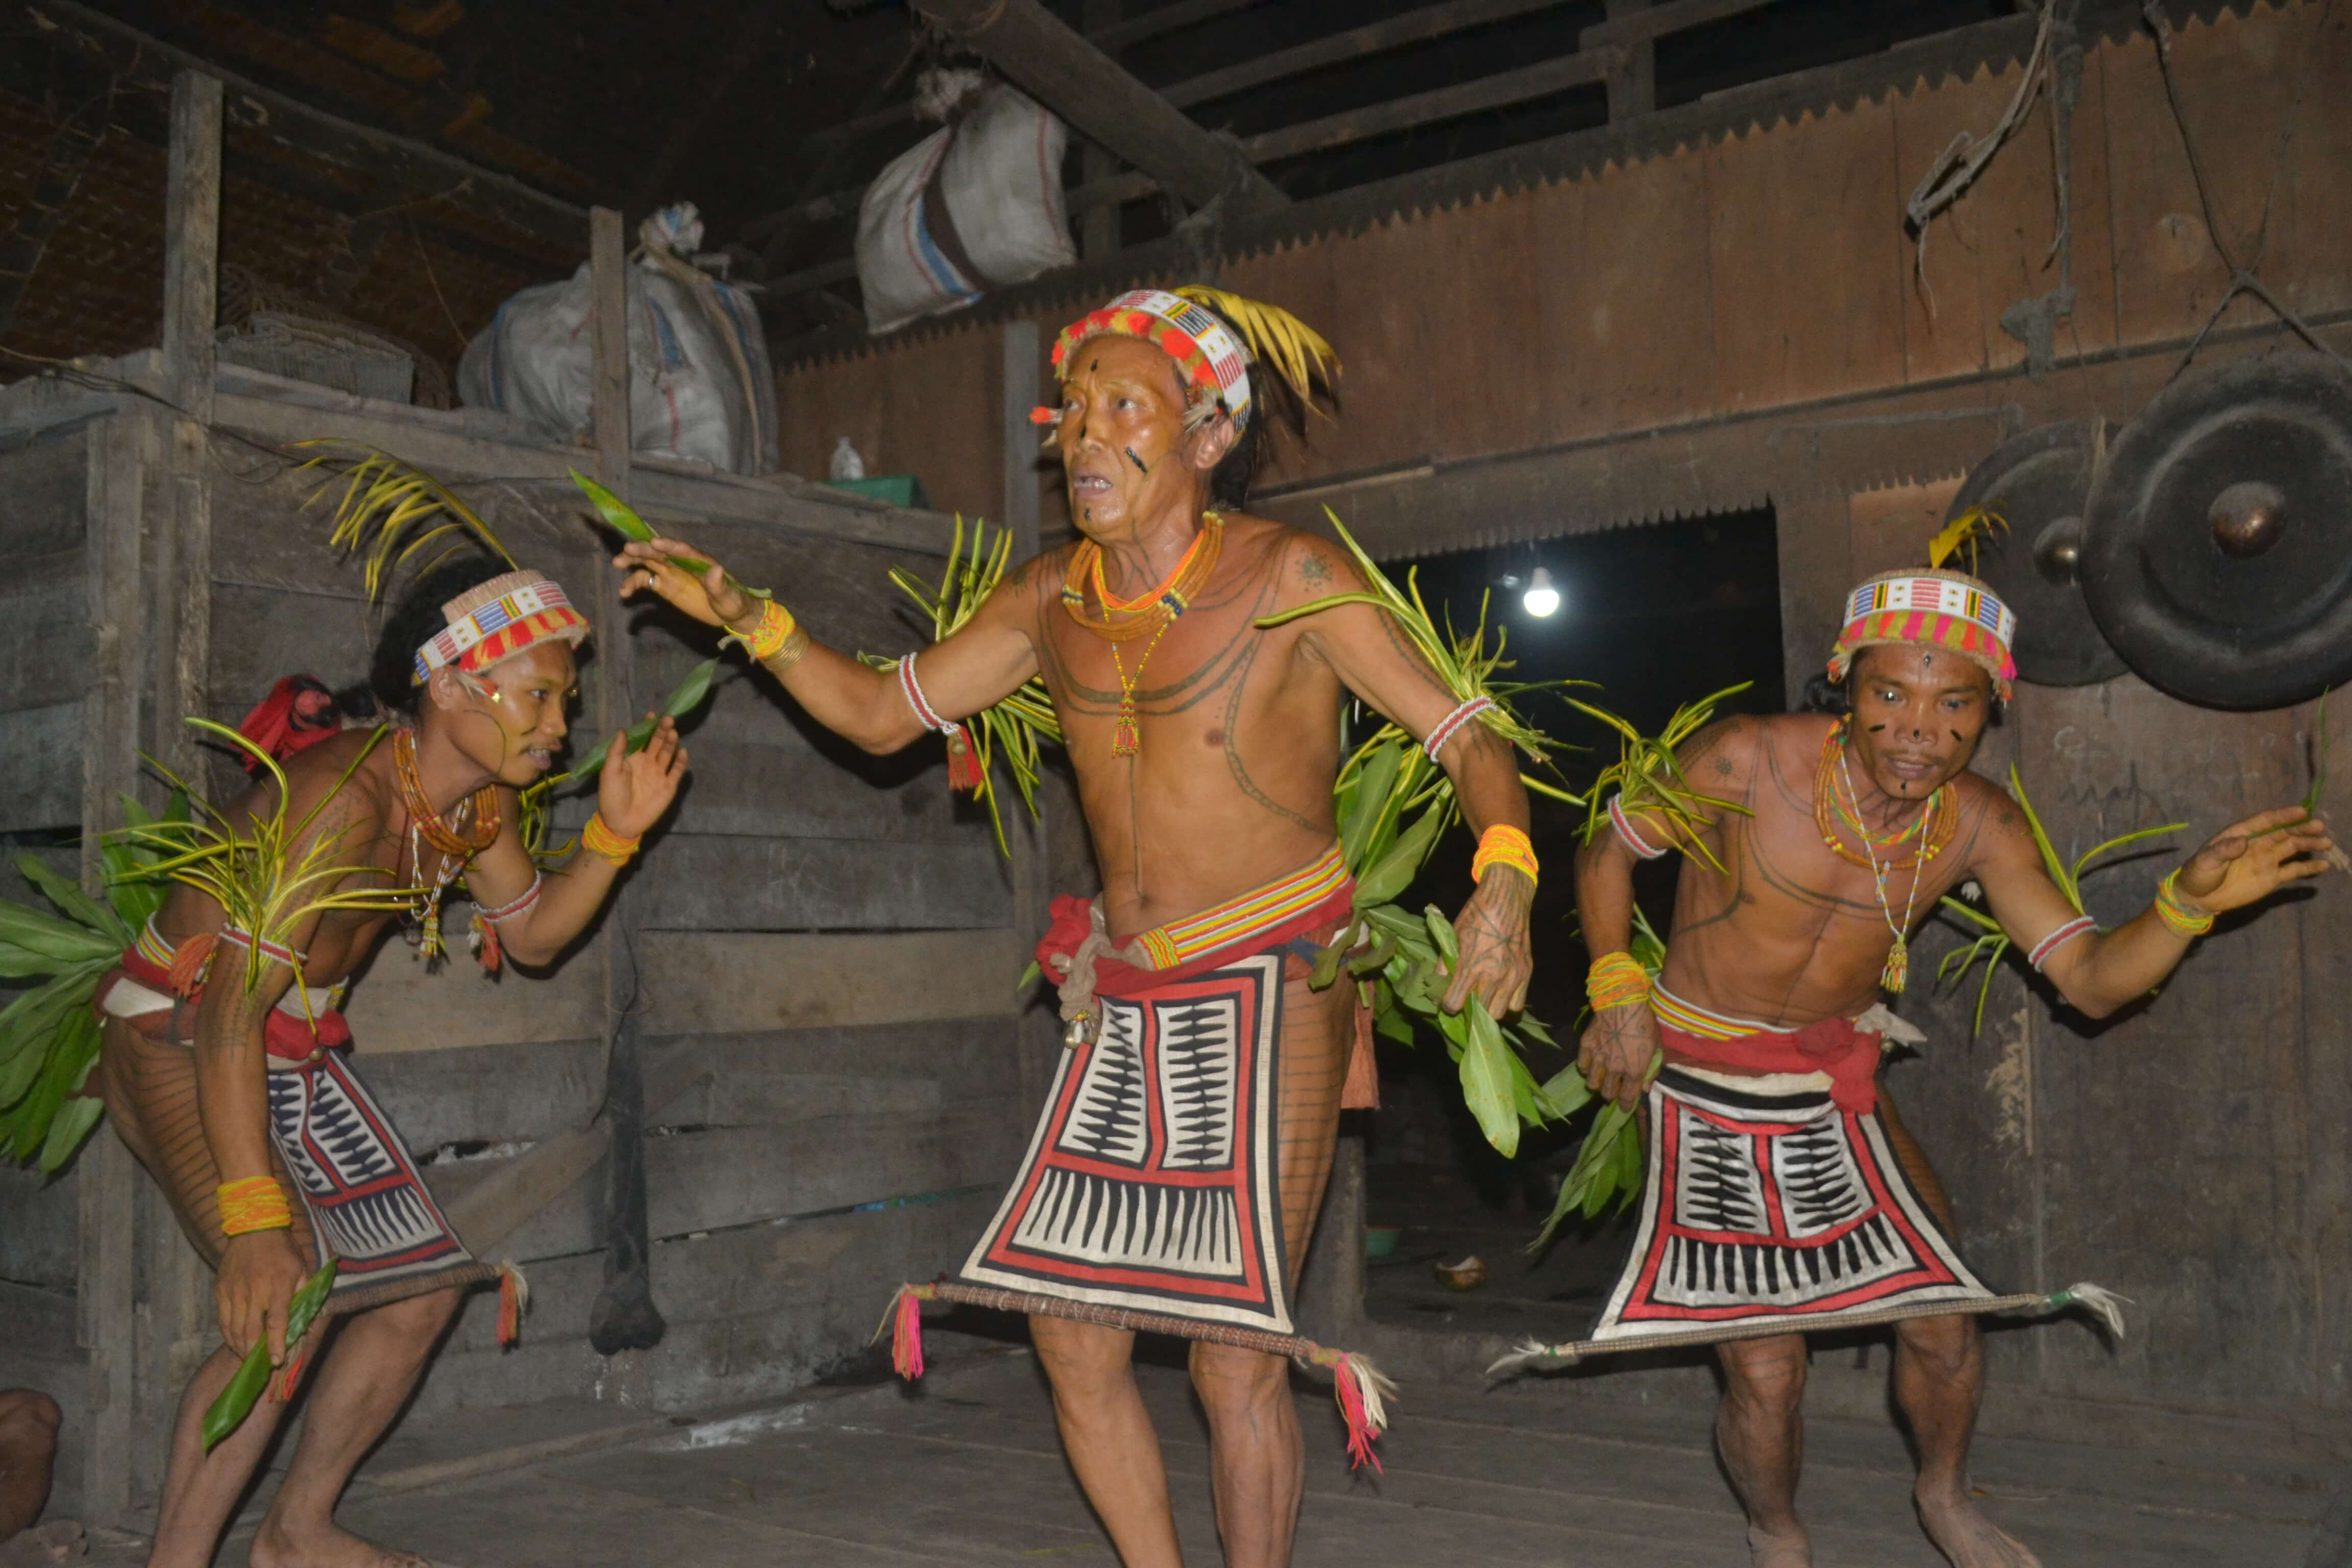 Dance des Mentawaï à Sumatra